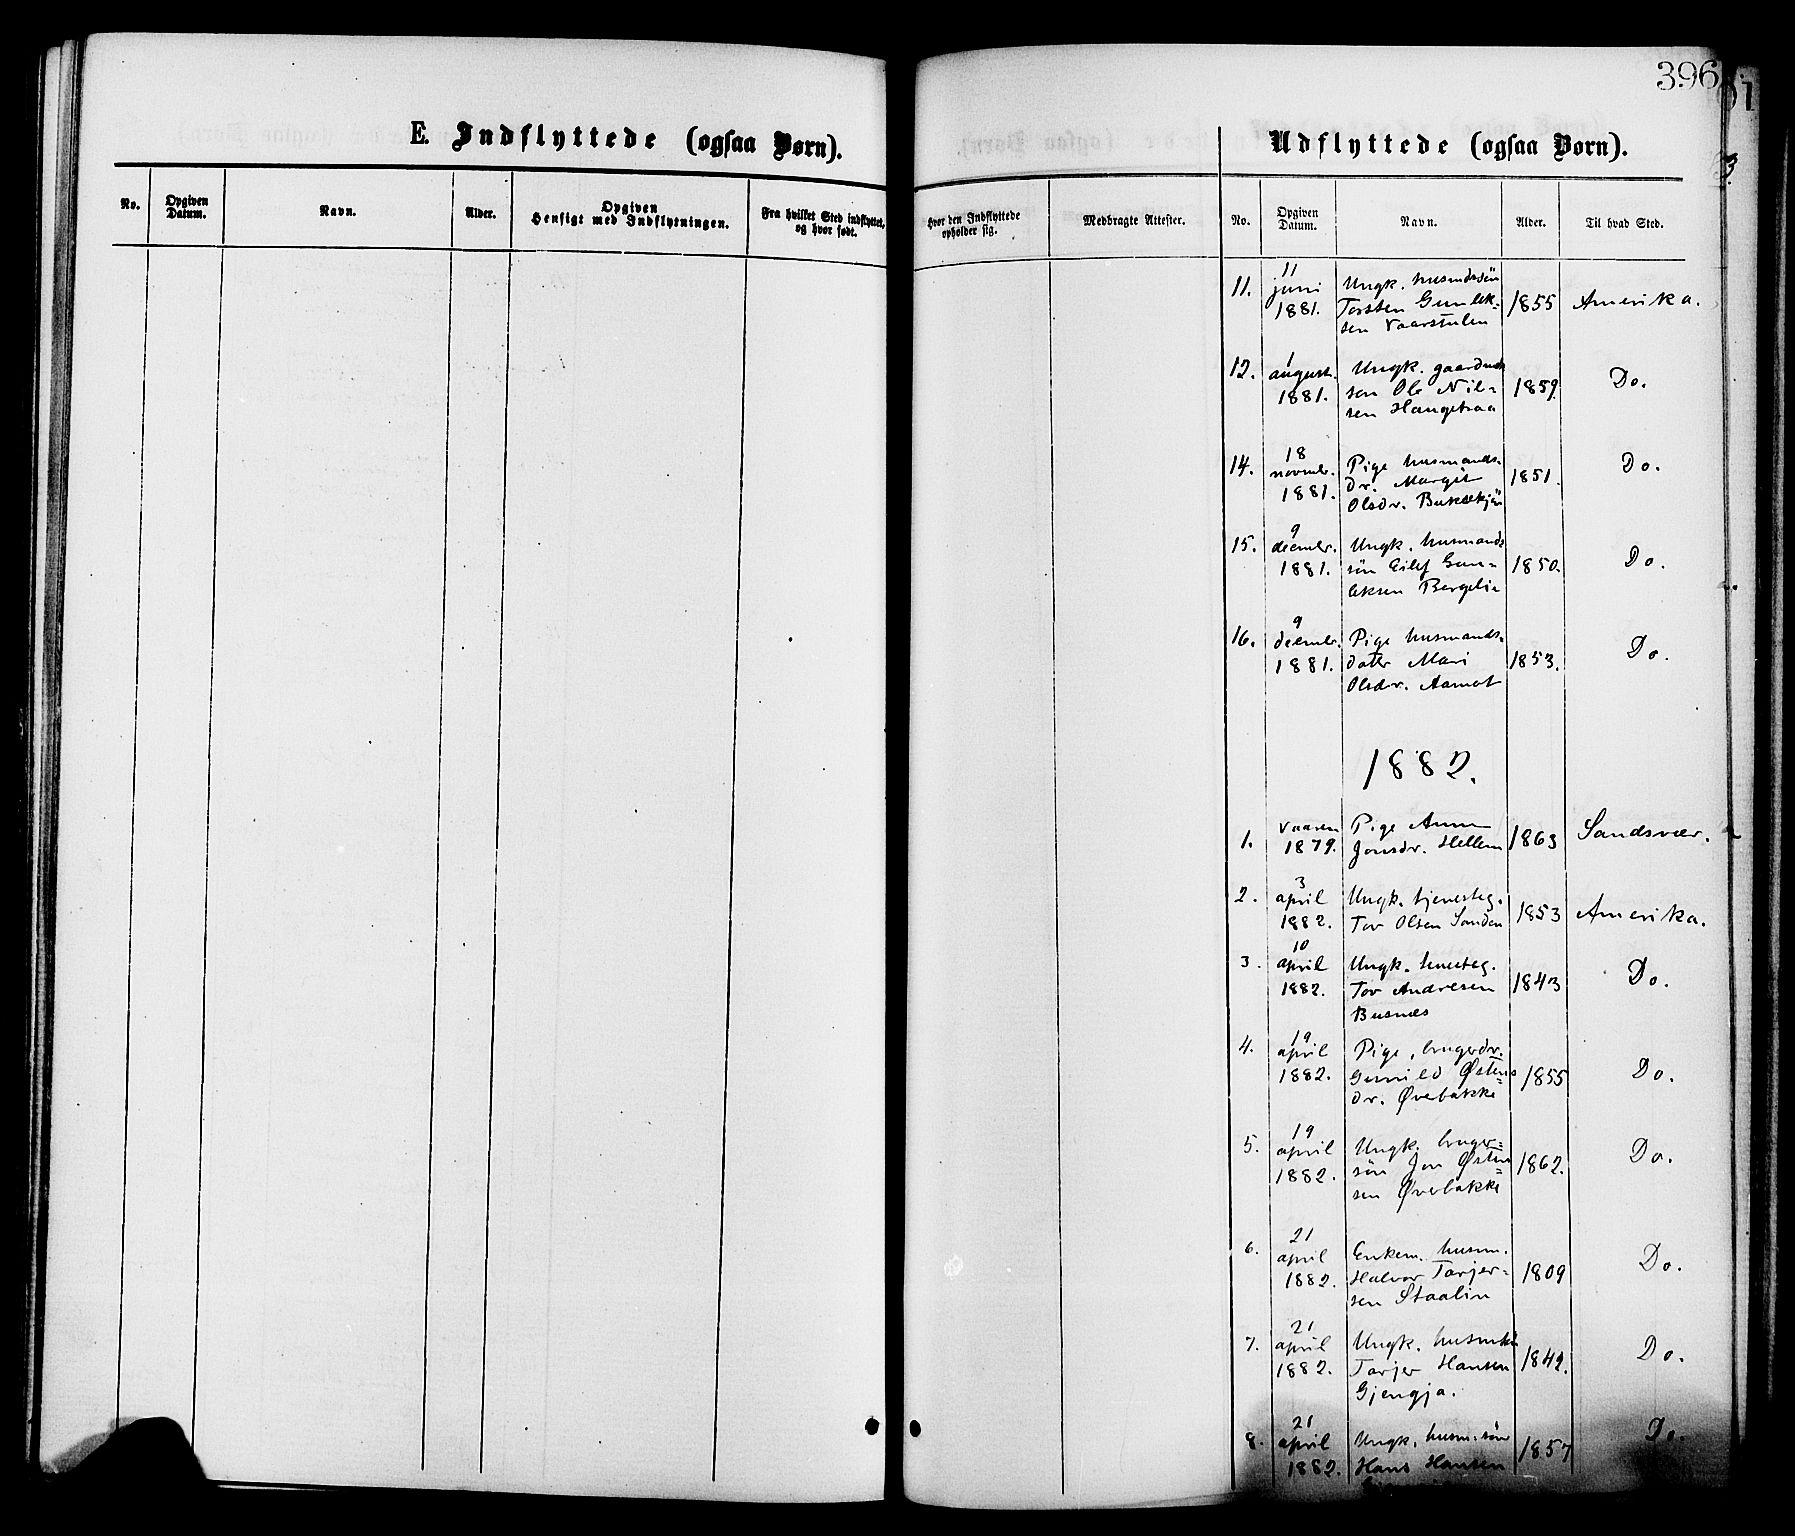 SAKO, Gransherad kirkebøker, F/Fa/L0004: Ministerialbok nr. I 4, 1871-1886, s. 396